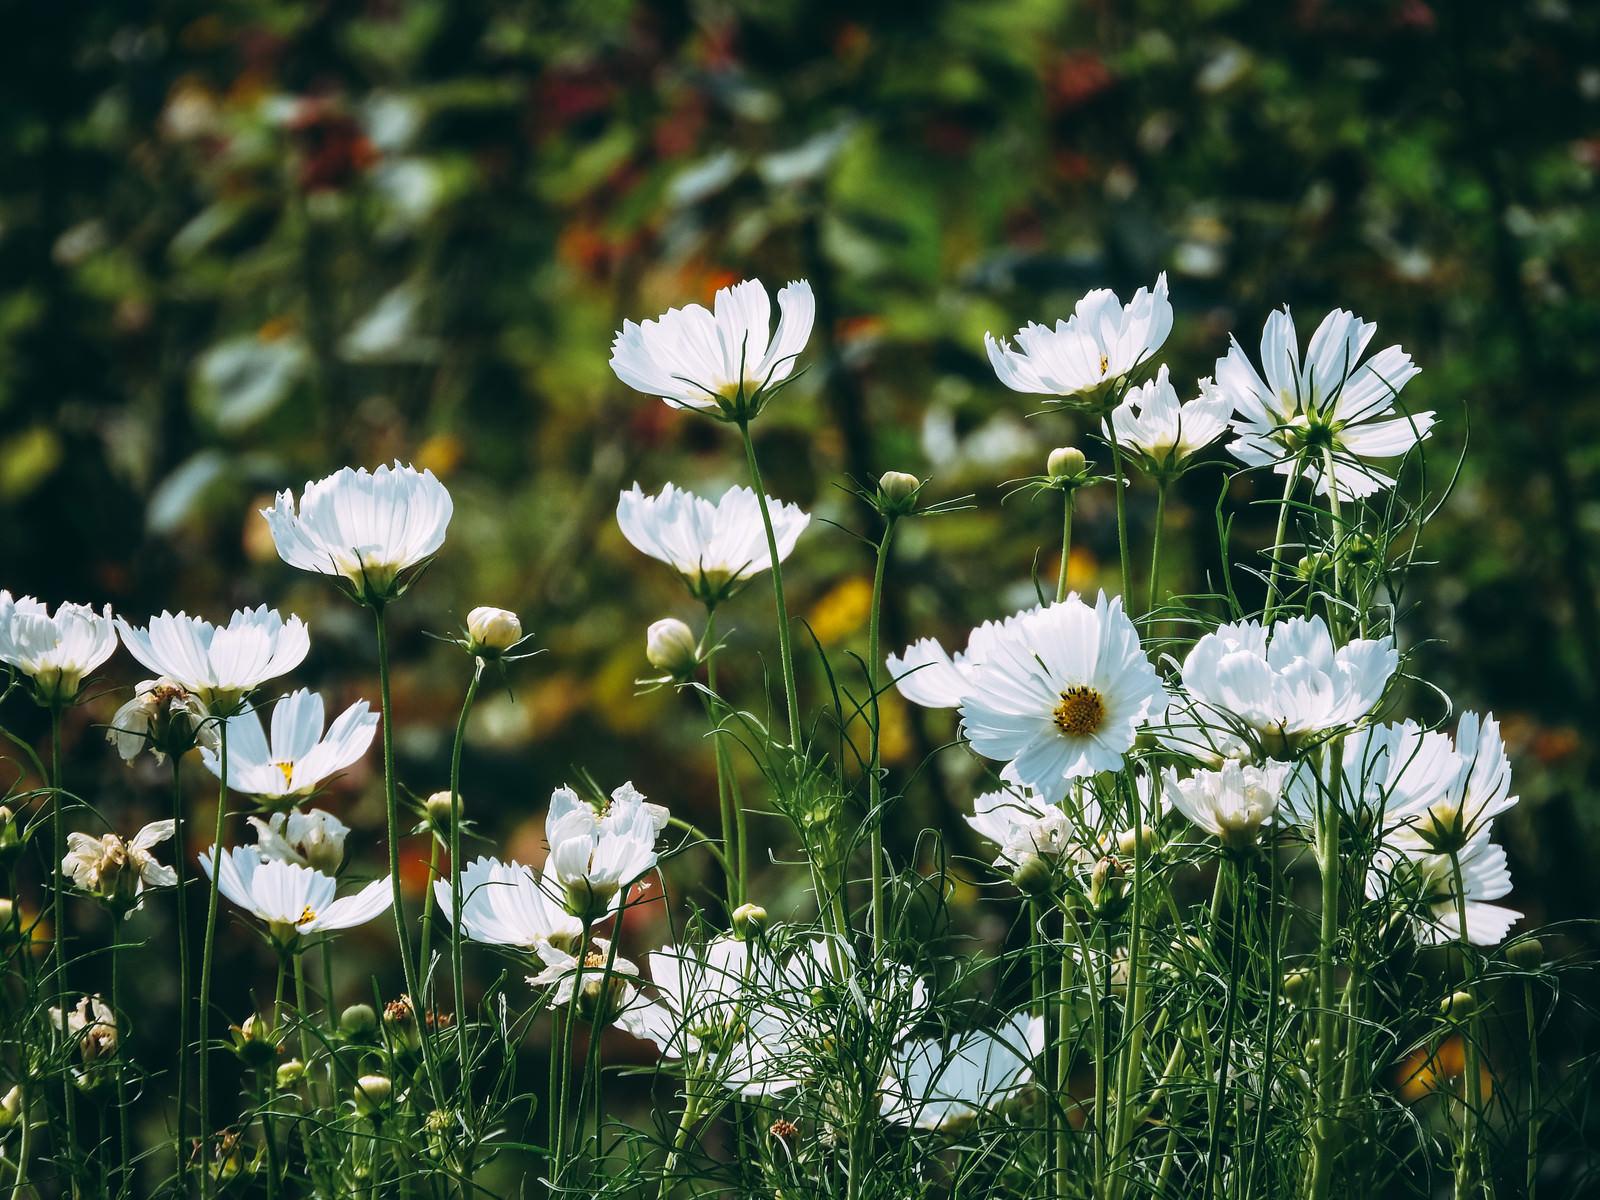 「群生する白いコスモス」の写真